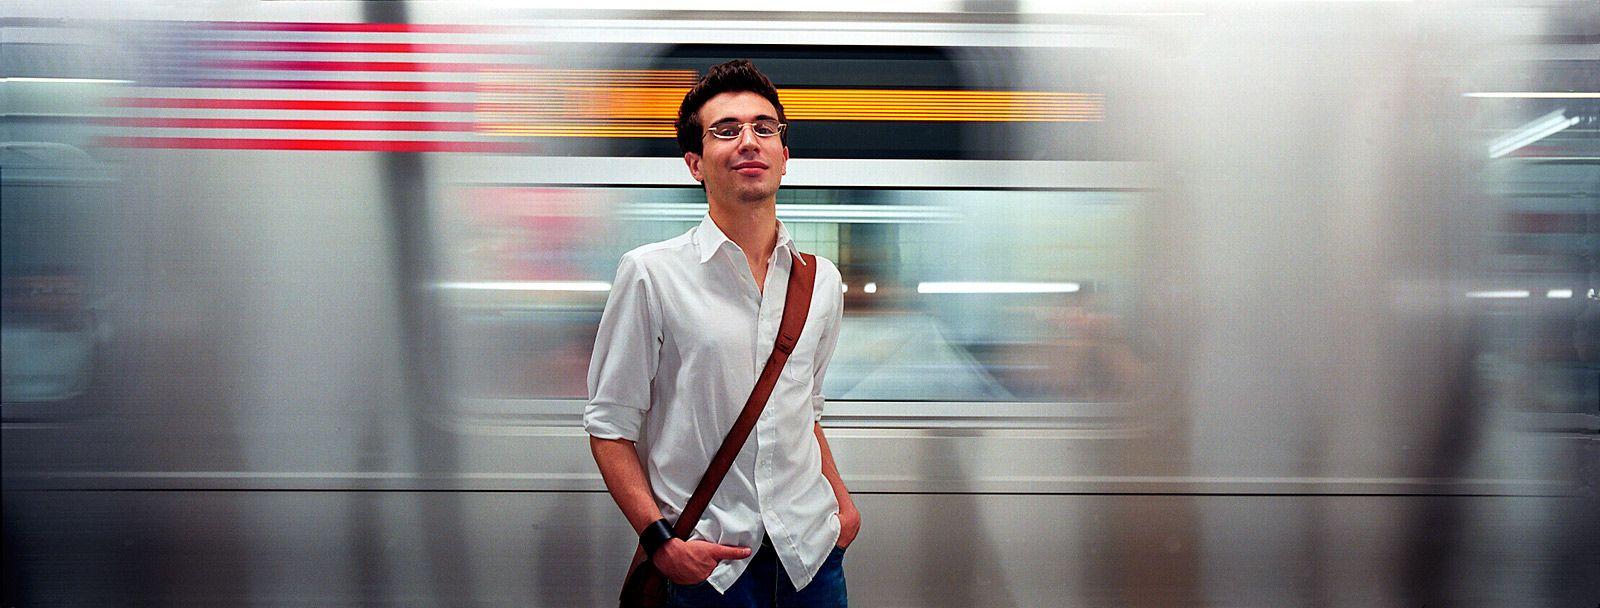 subway[4].jpg